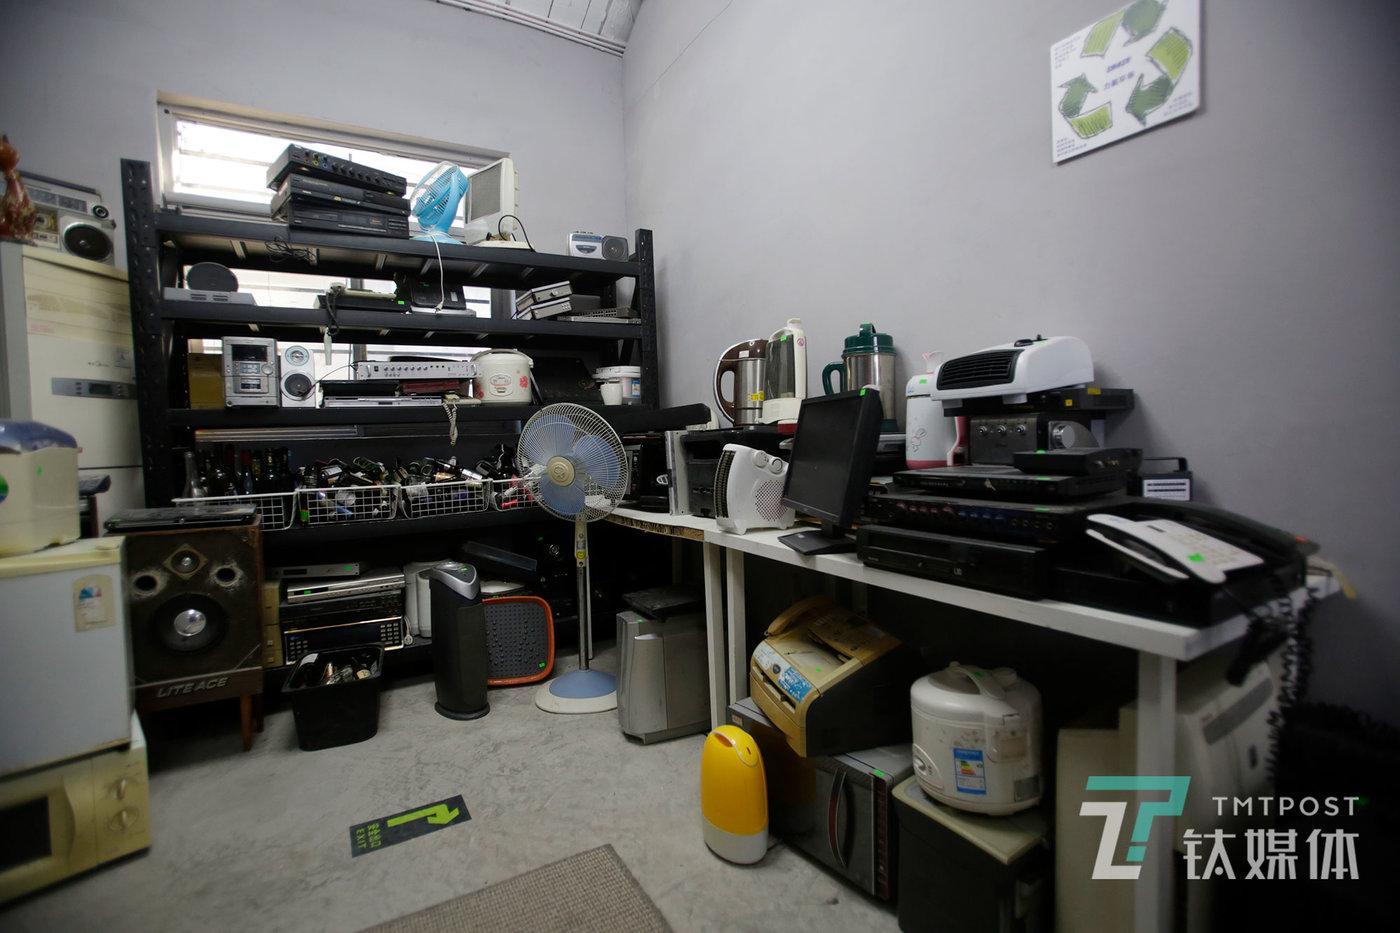 """发泄屋的""""商品间""""供顾客选择的打砸用品:酒瓶、旧家电、旧办公用品。"""